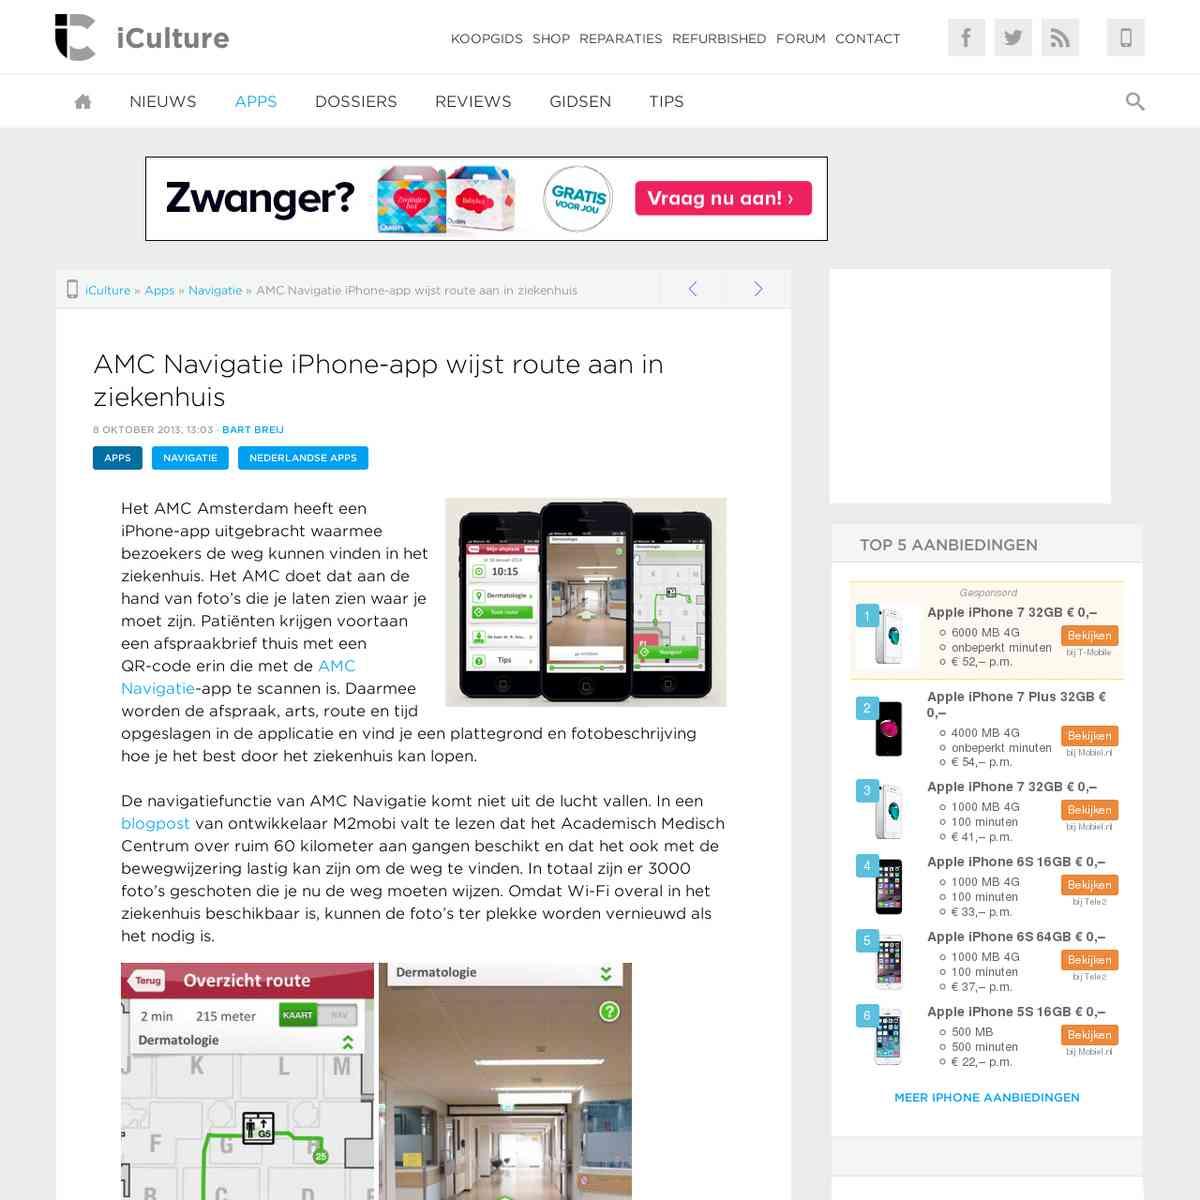 AMC Navigatie iPhone-app wijst route aan in ziekenhuis